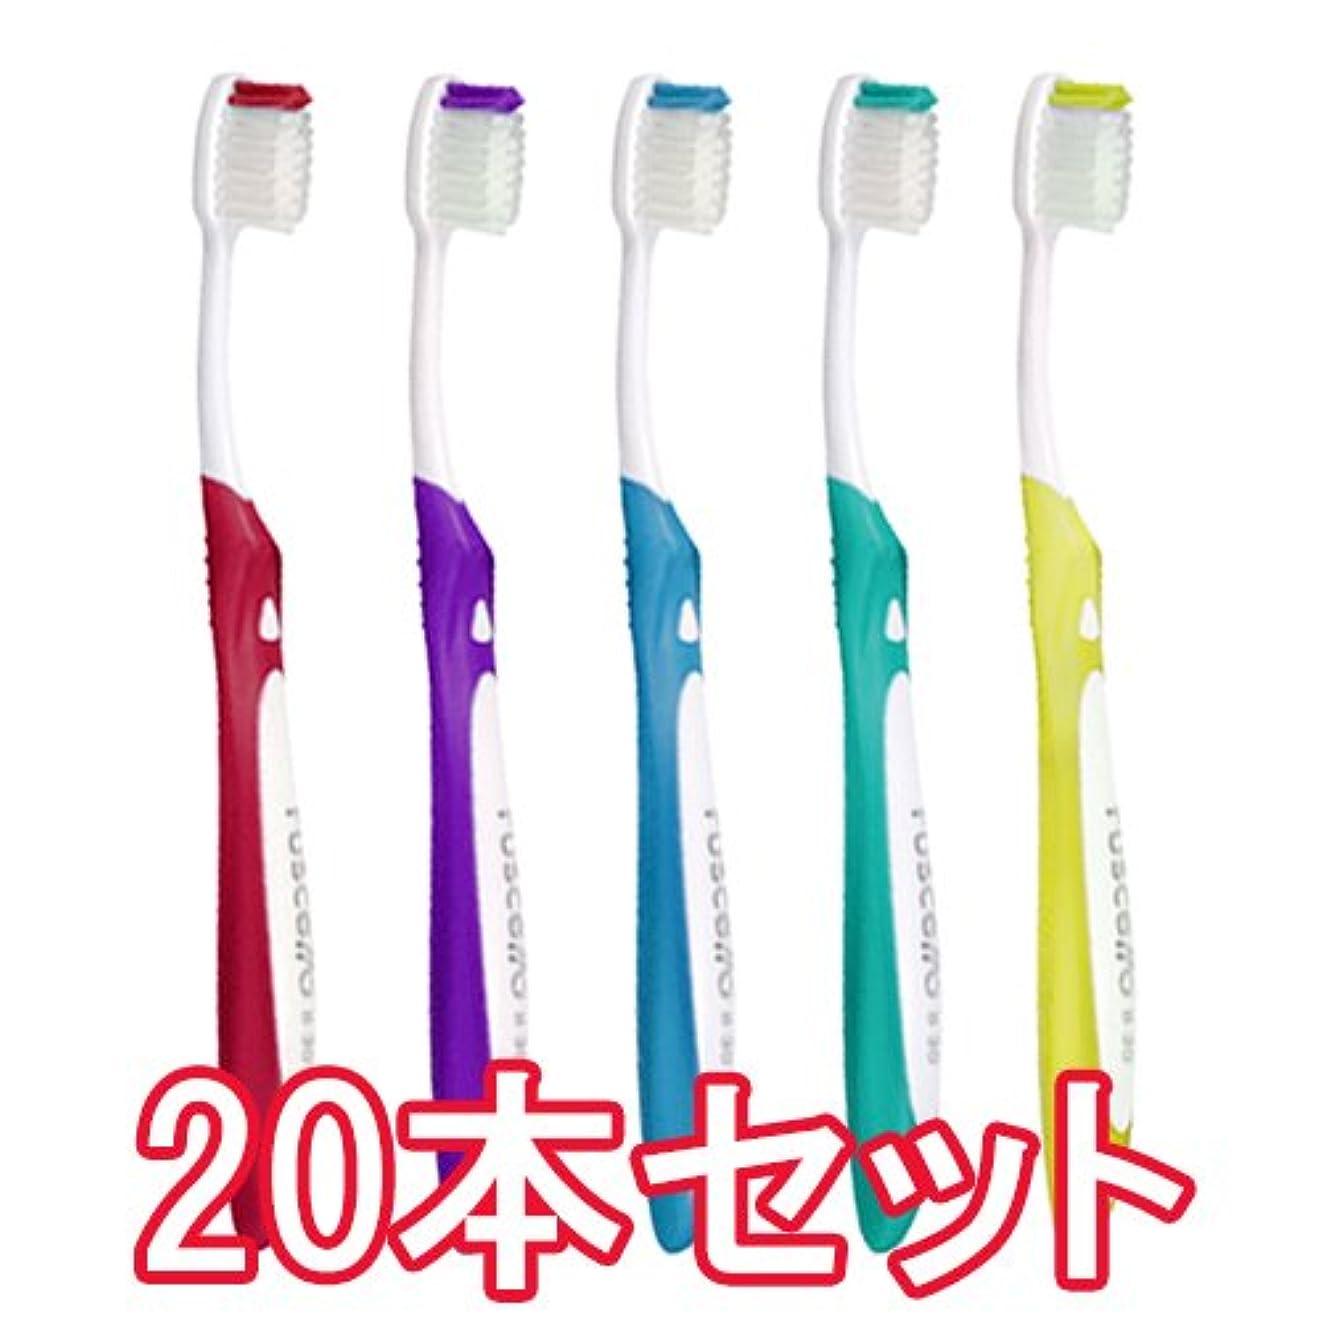 吸う小川最大限ジーシー(GC) ルシェロB-30 グラッポ 歯ブラシ × 20本セット【キャップ付き】